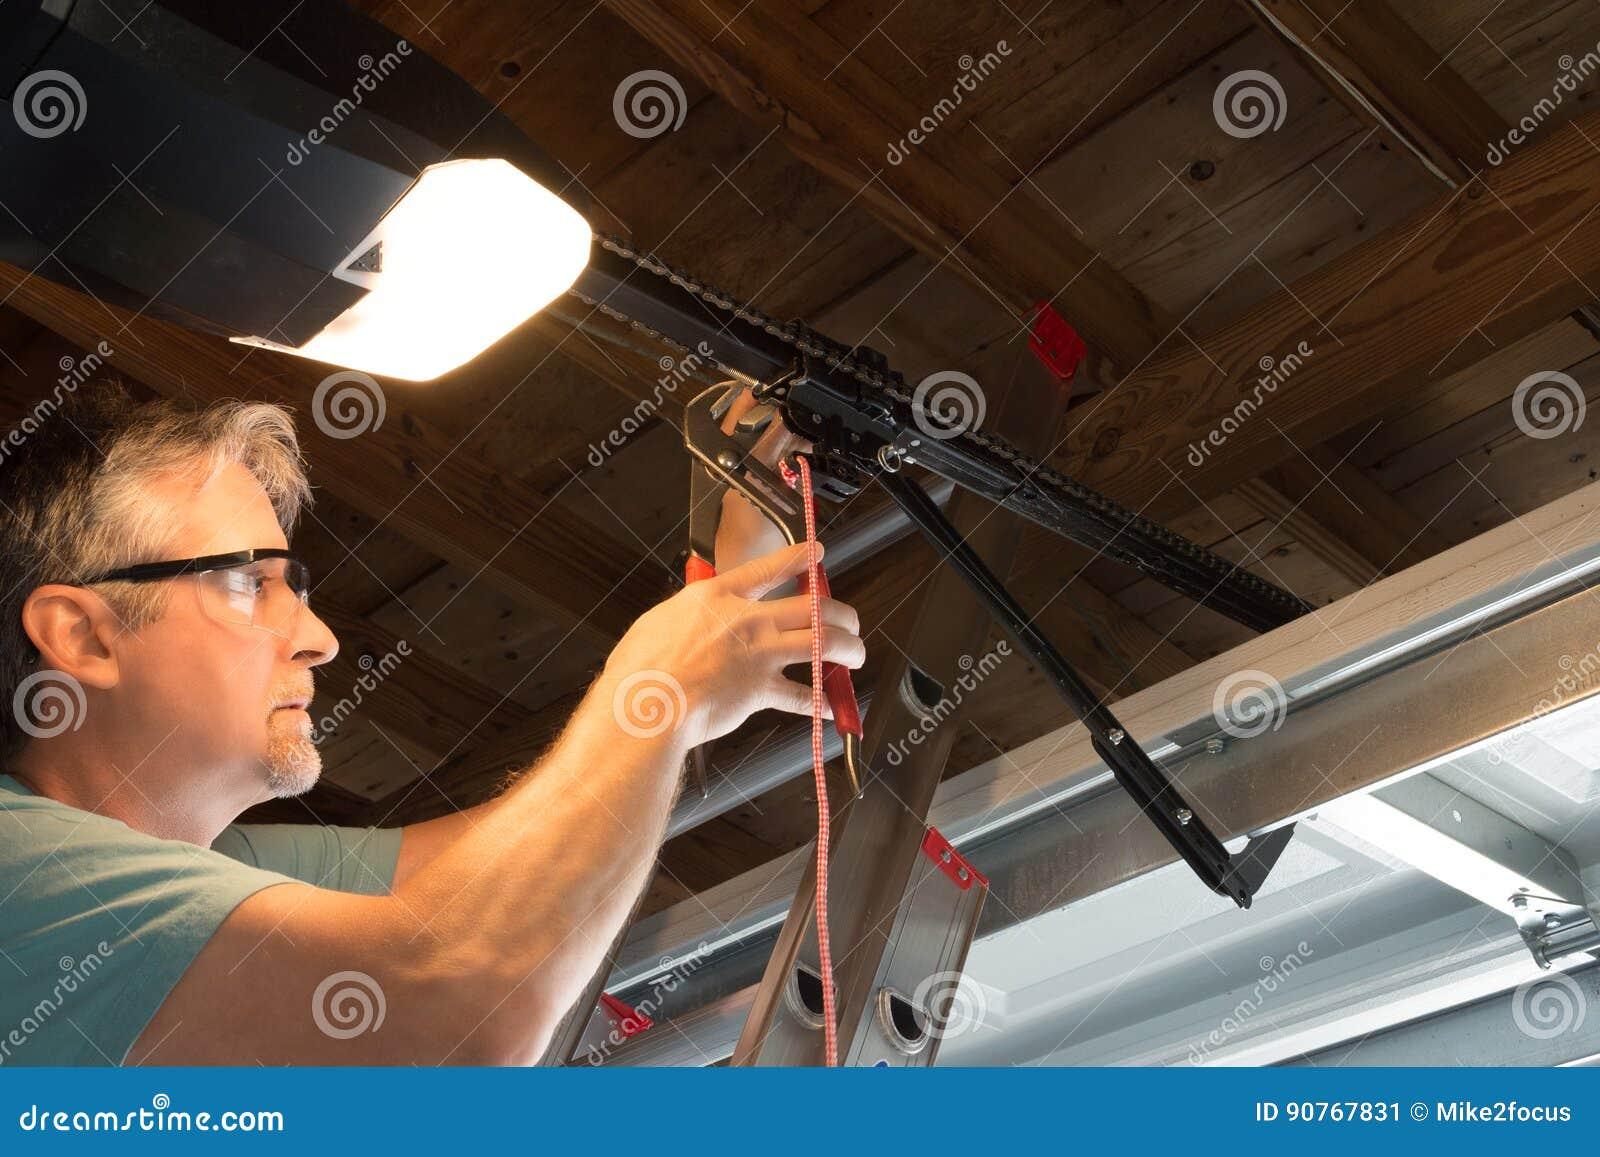 Επαγγελματική αυτόματη λειτουργώντας κινηματογράφηση σε πρώτο πλάνο τεχνικών υπηρεσιών επισκευής ανοιχτηριών πορτών γκαράζ